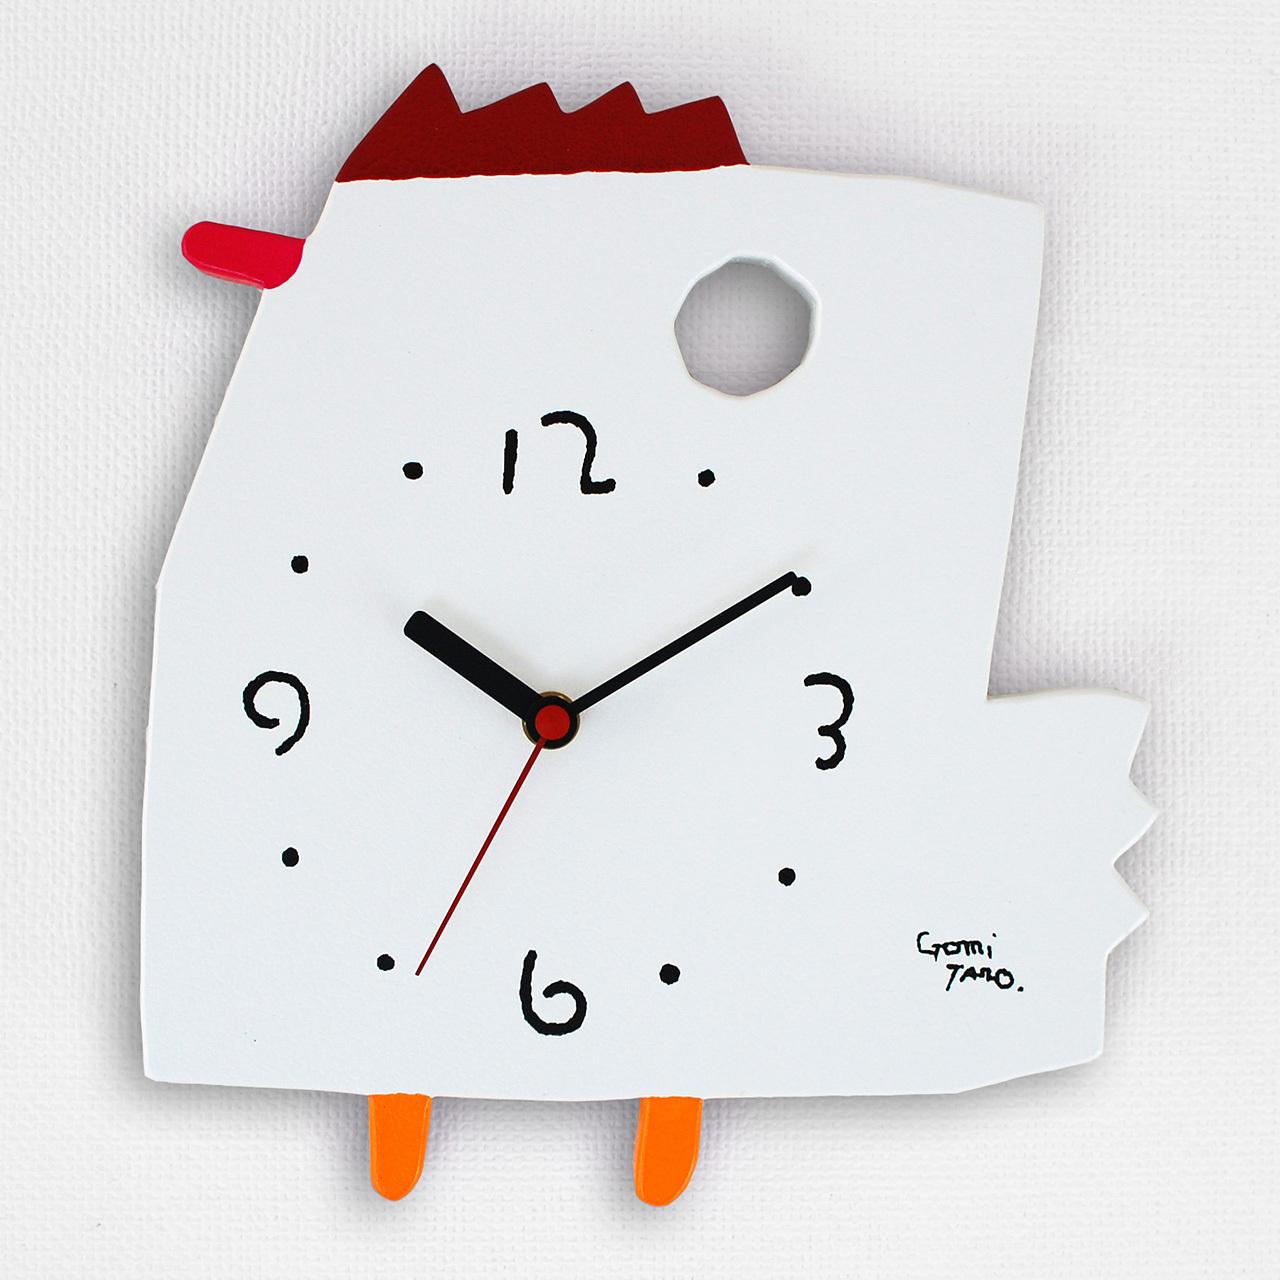 絵本作家 五味太郎 オリジナル時計・クロック「にわとり」